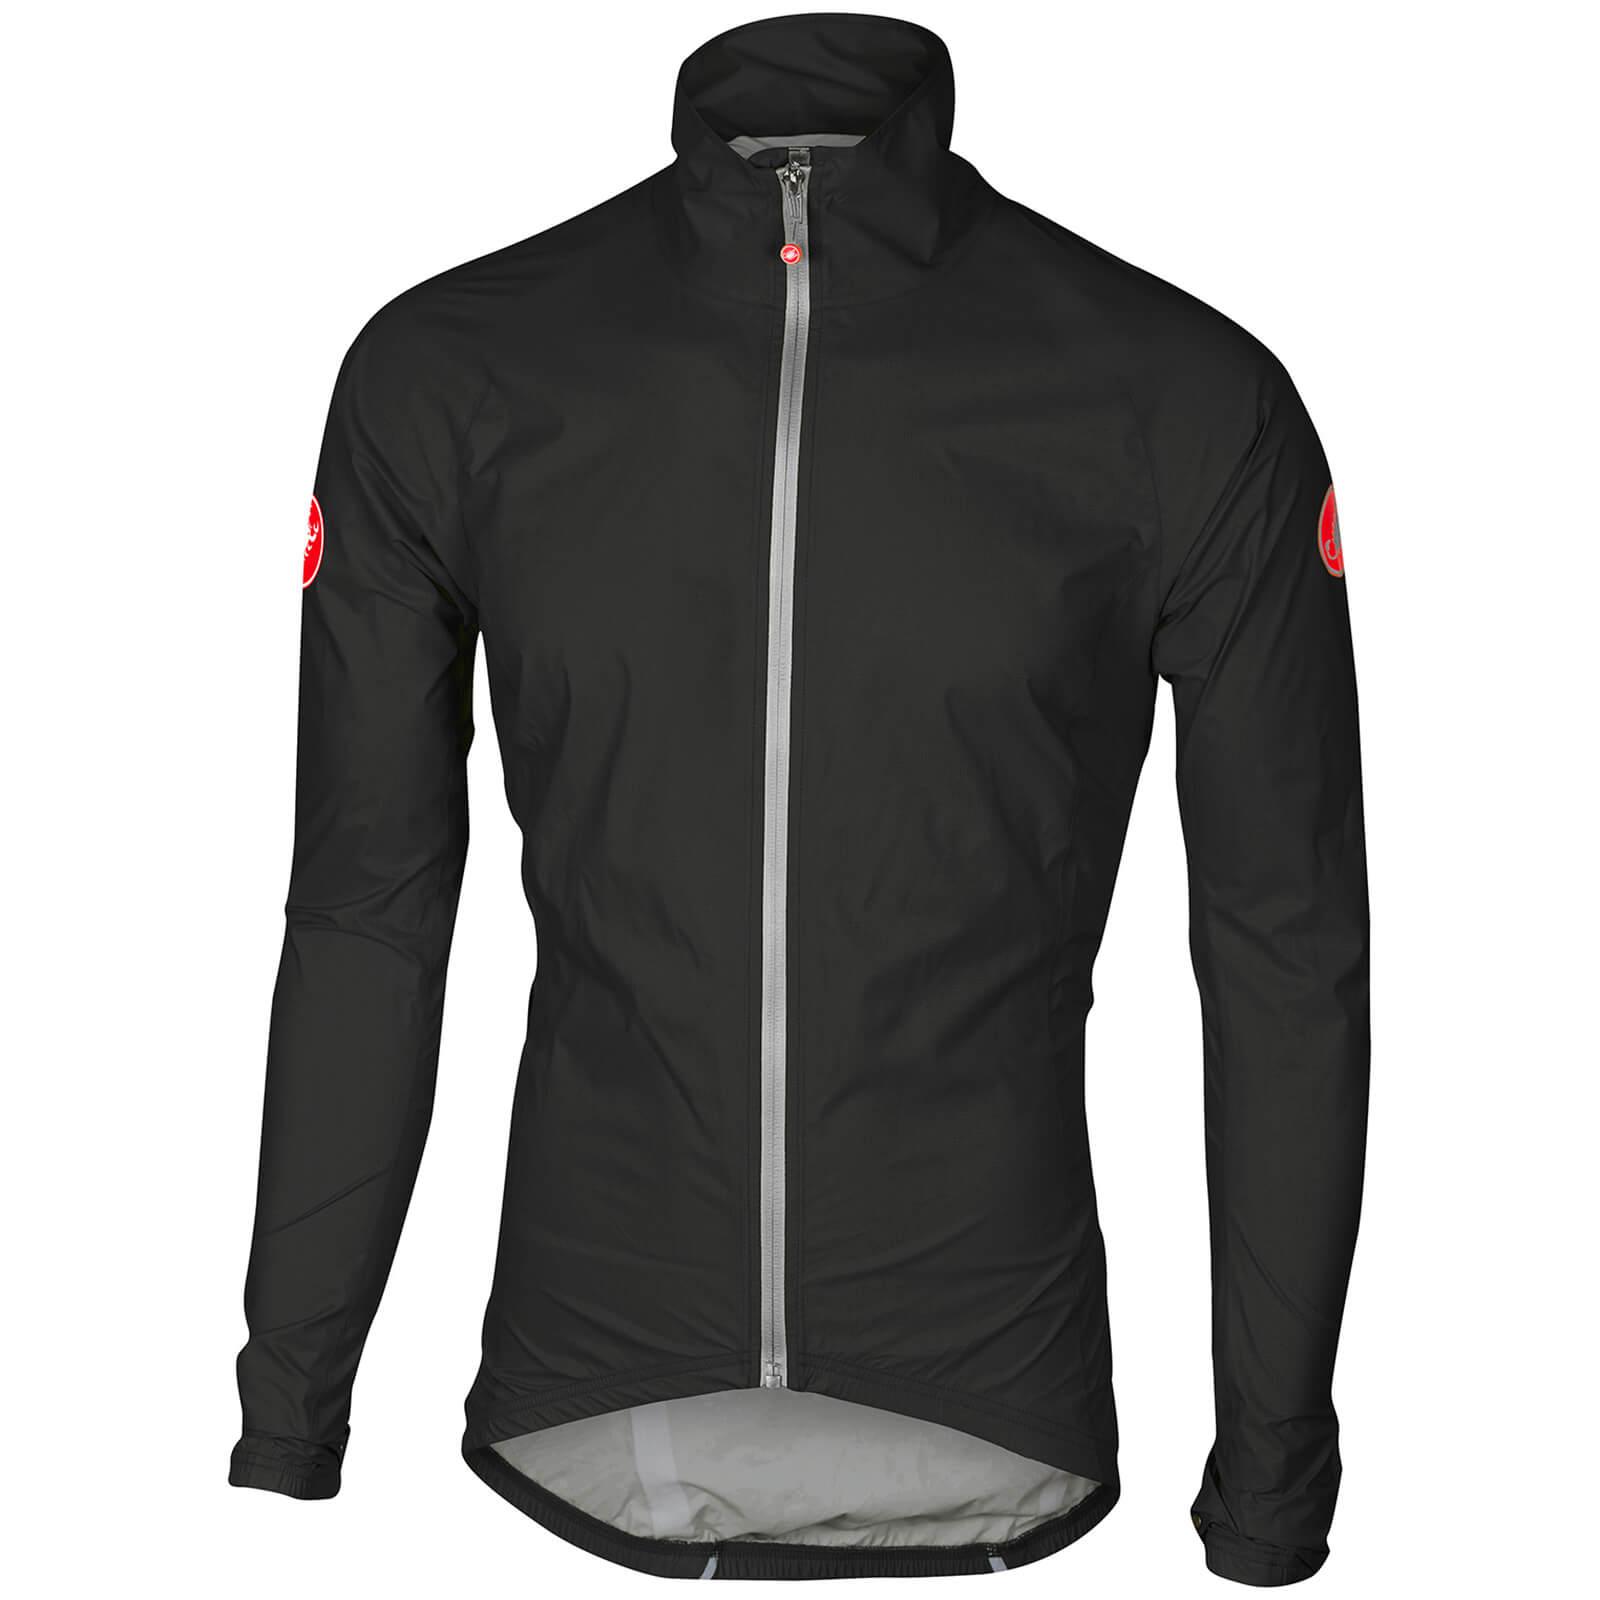 Image of Castelli Emergency Rain Jacket - S - Black